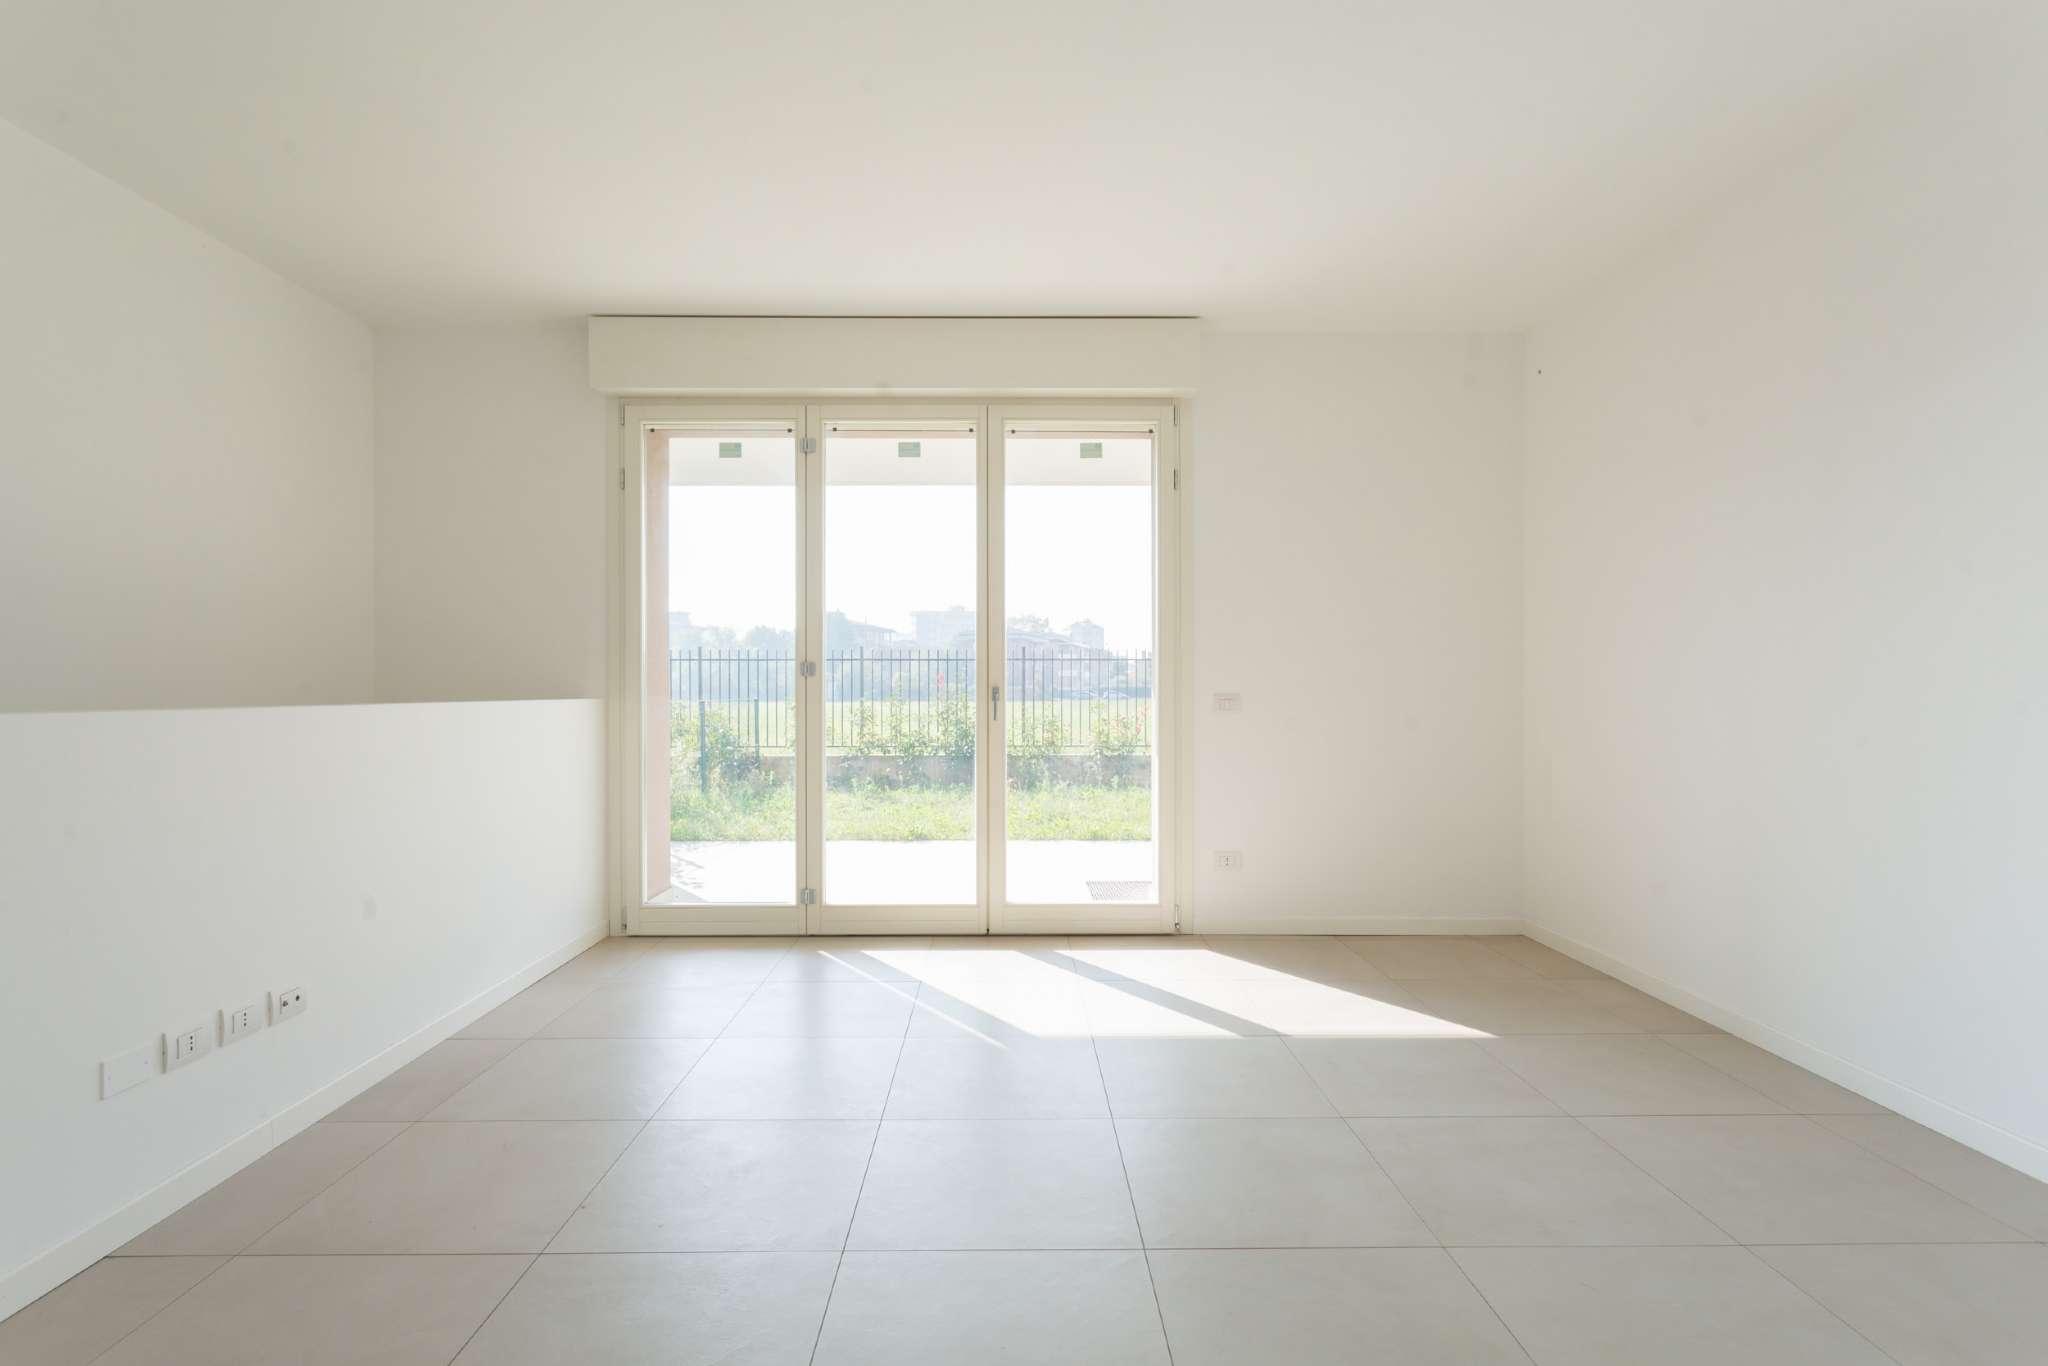 Appartamento in vendita a Cassina de' Pecchi, 3 locali, prezzo € 366.000 | CambioCasa.it